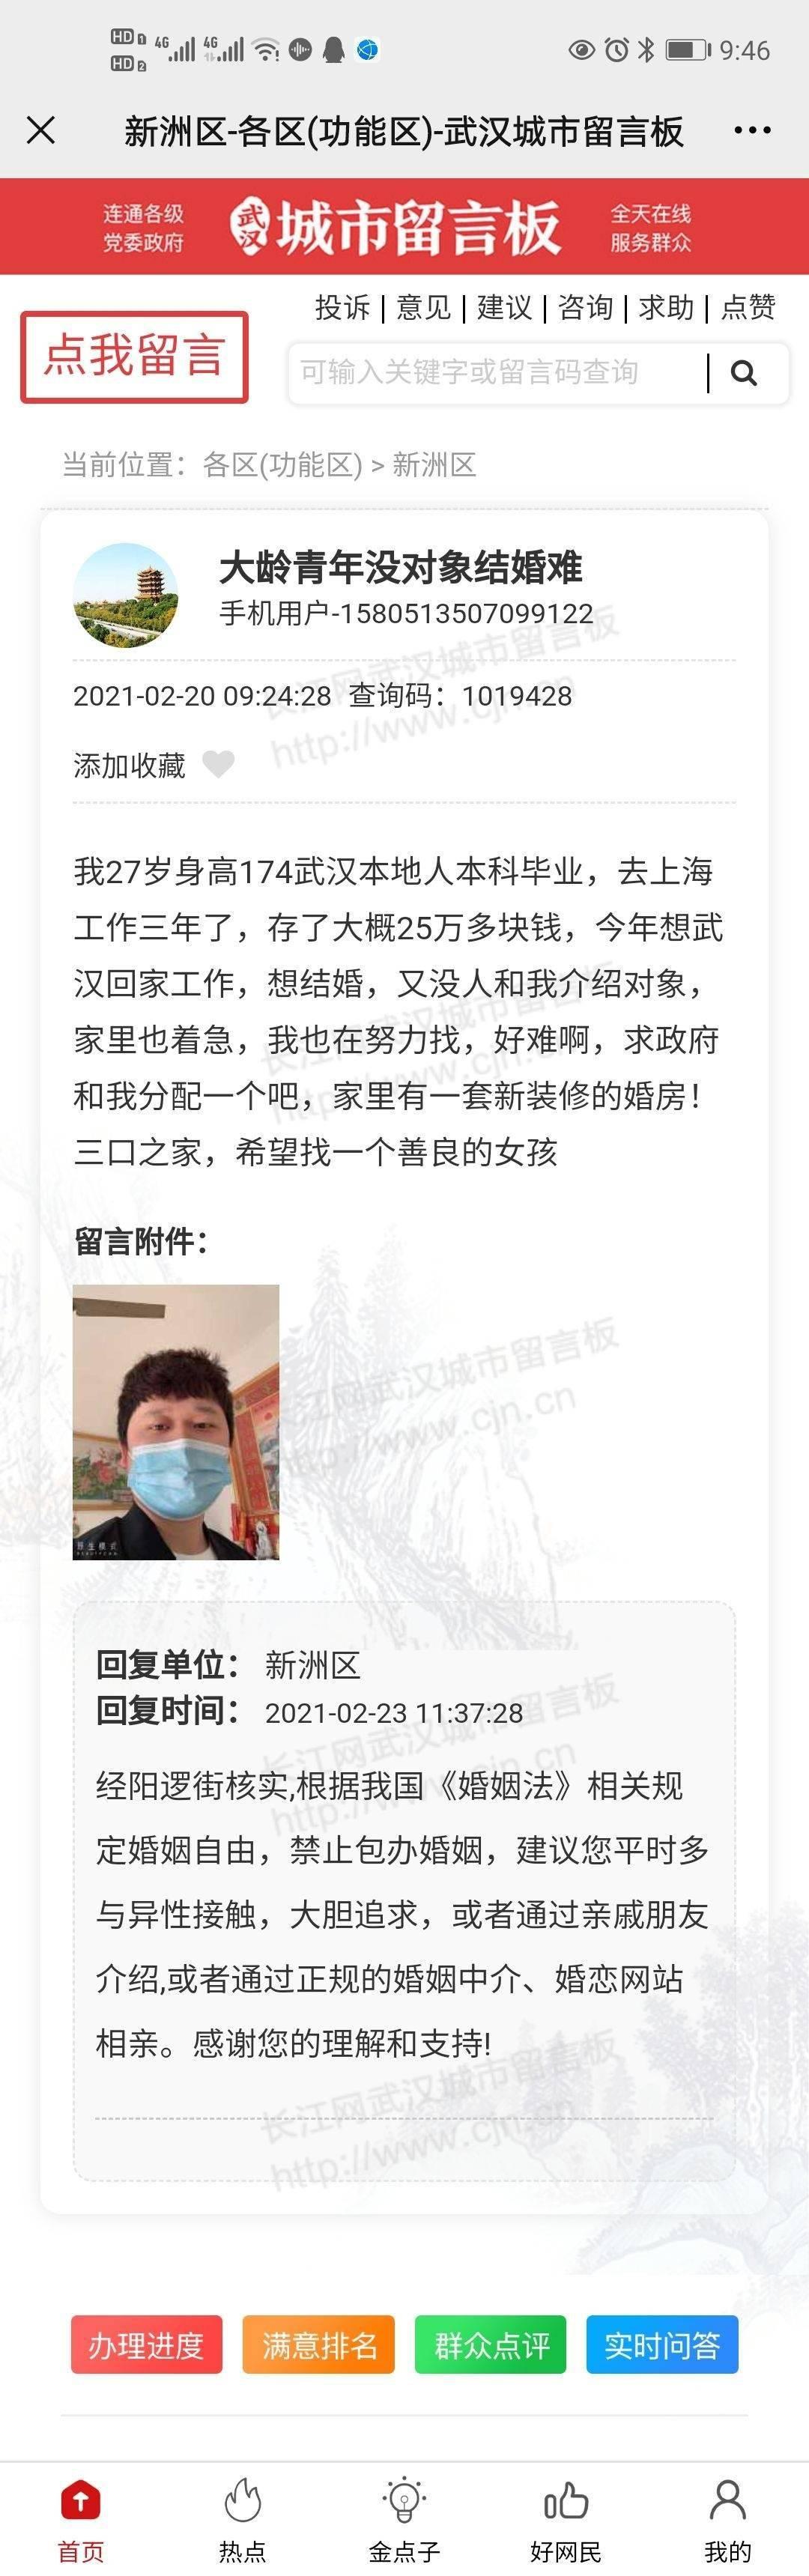 27岁男子求助政府分配对象 网友:先求助政府分配一套房子